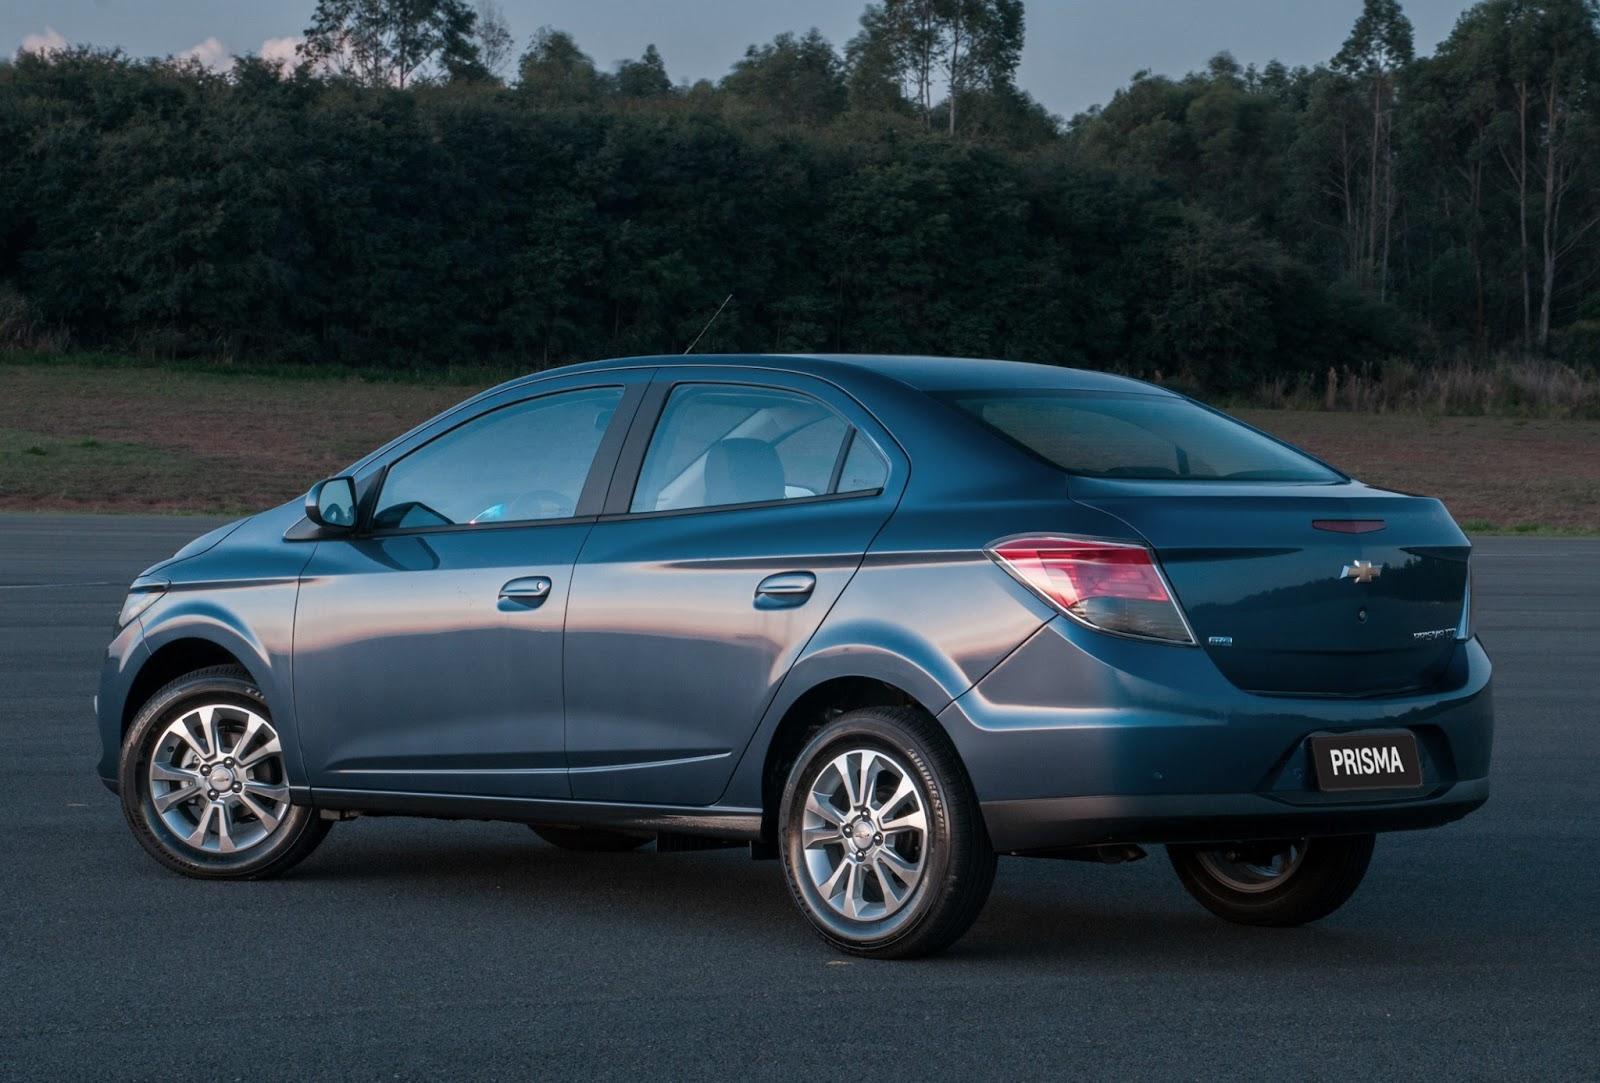 Chevrolet Onix Y Primsa 2014 Ahora Con on Del 1 Al 9 Suman 100